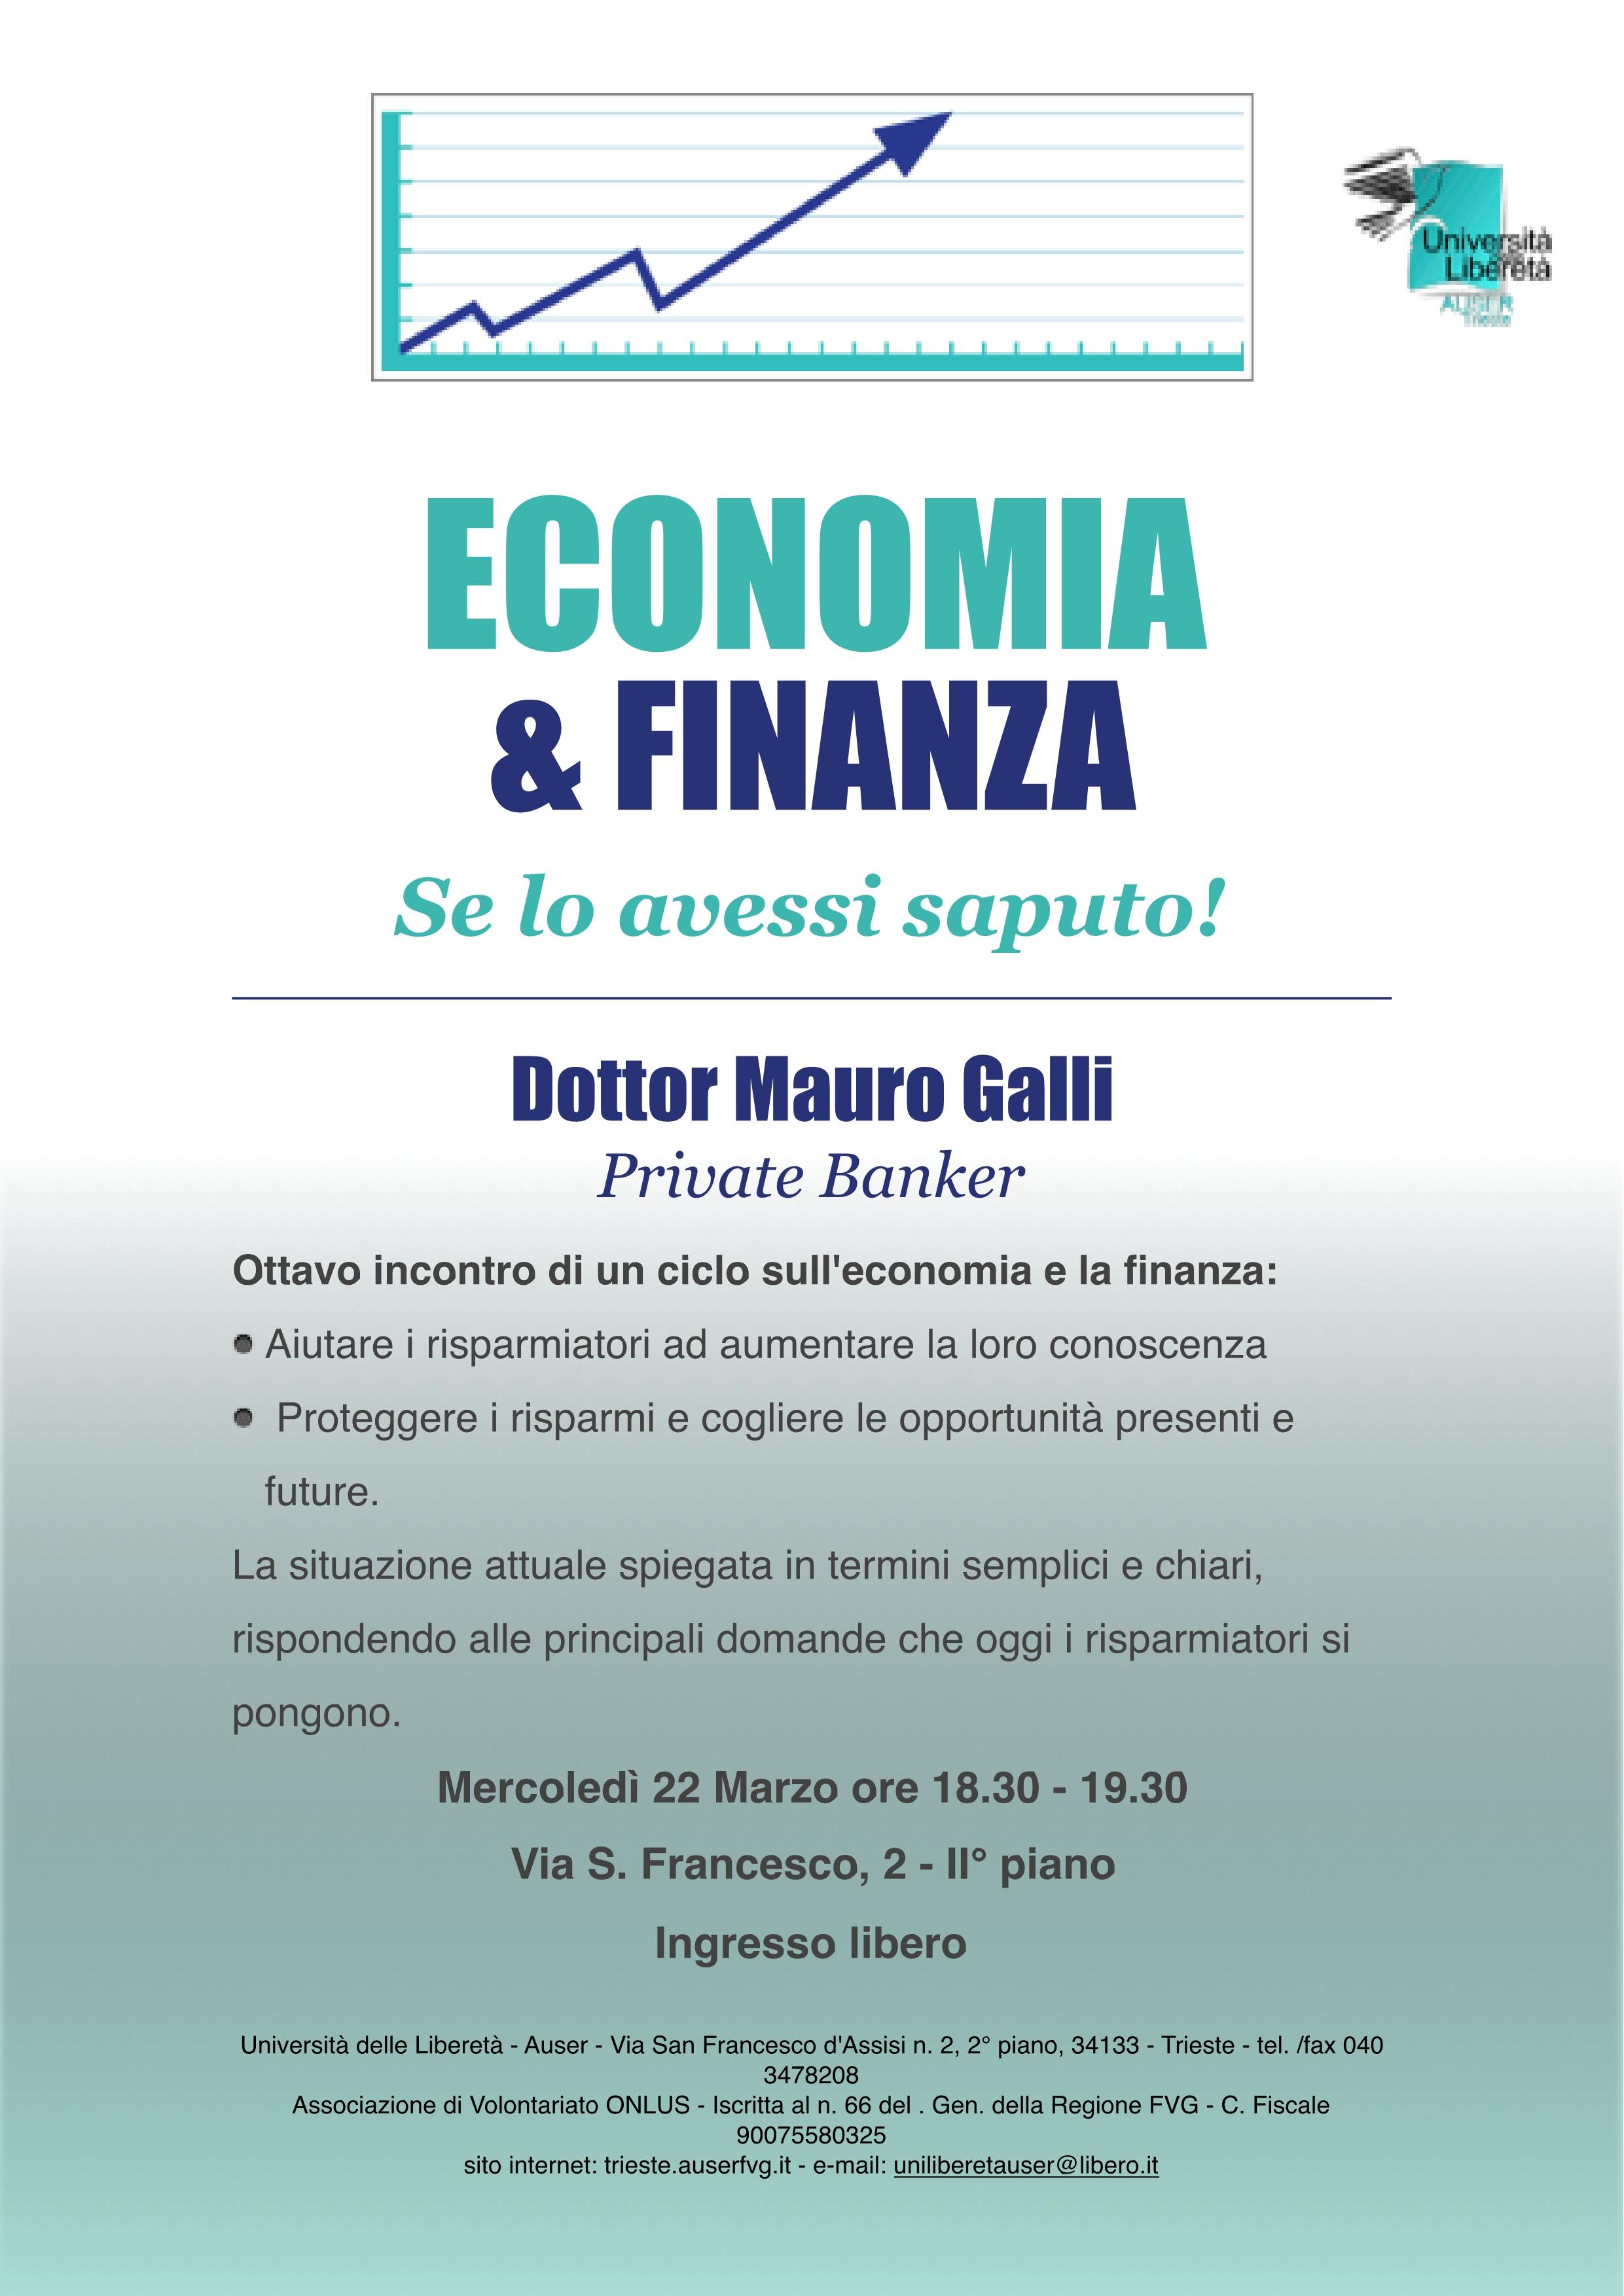 Economia e finanza 22-03-2017